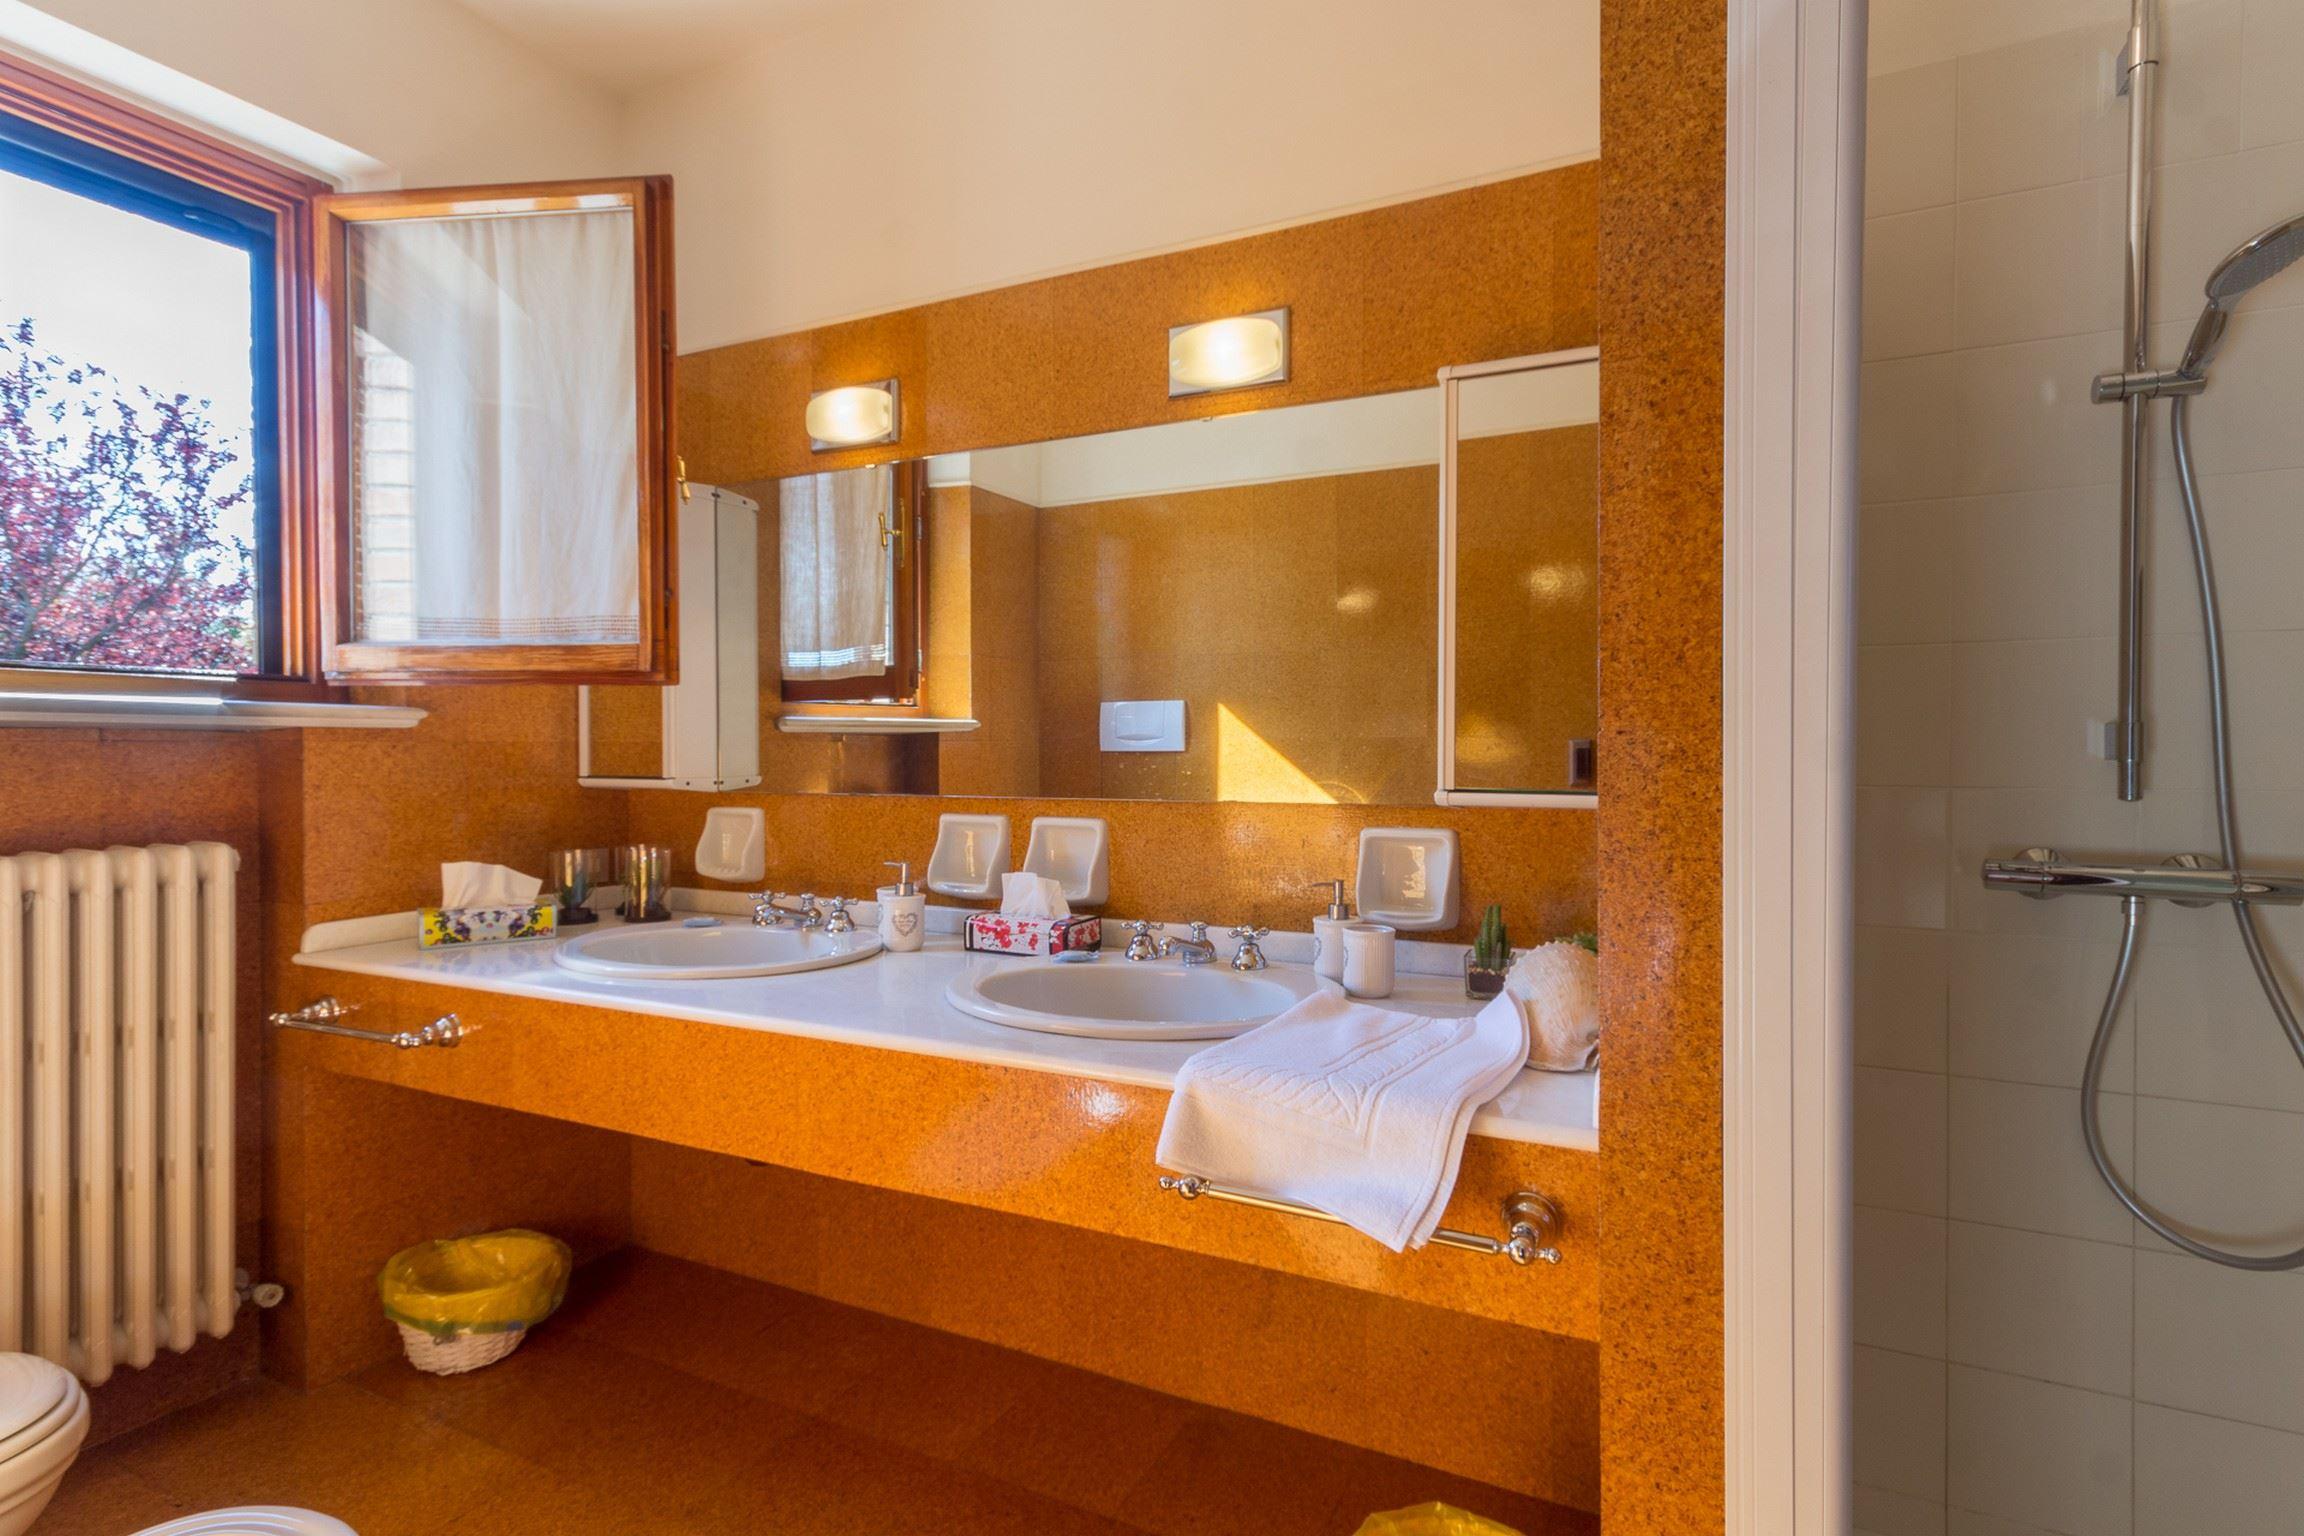 Ferienhaus VILLA MARINA (2195811), Pesaro, Pesaro und Urbino, Marken, Italien, Bild 8